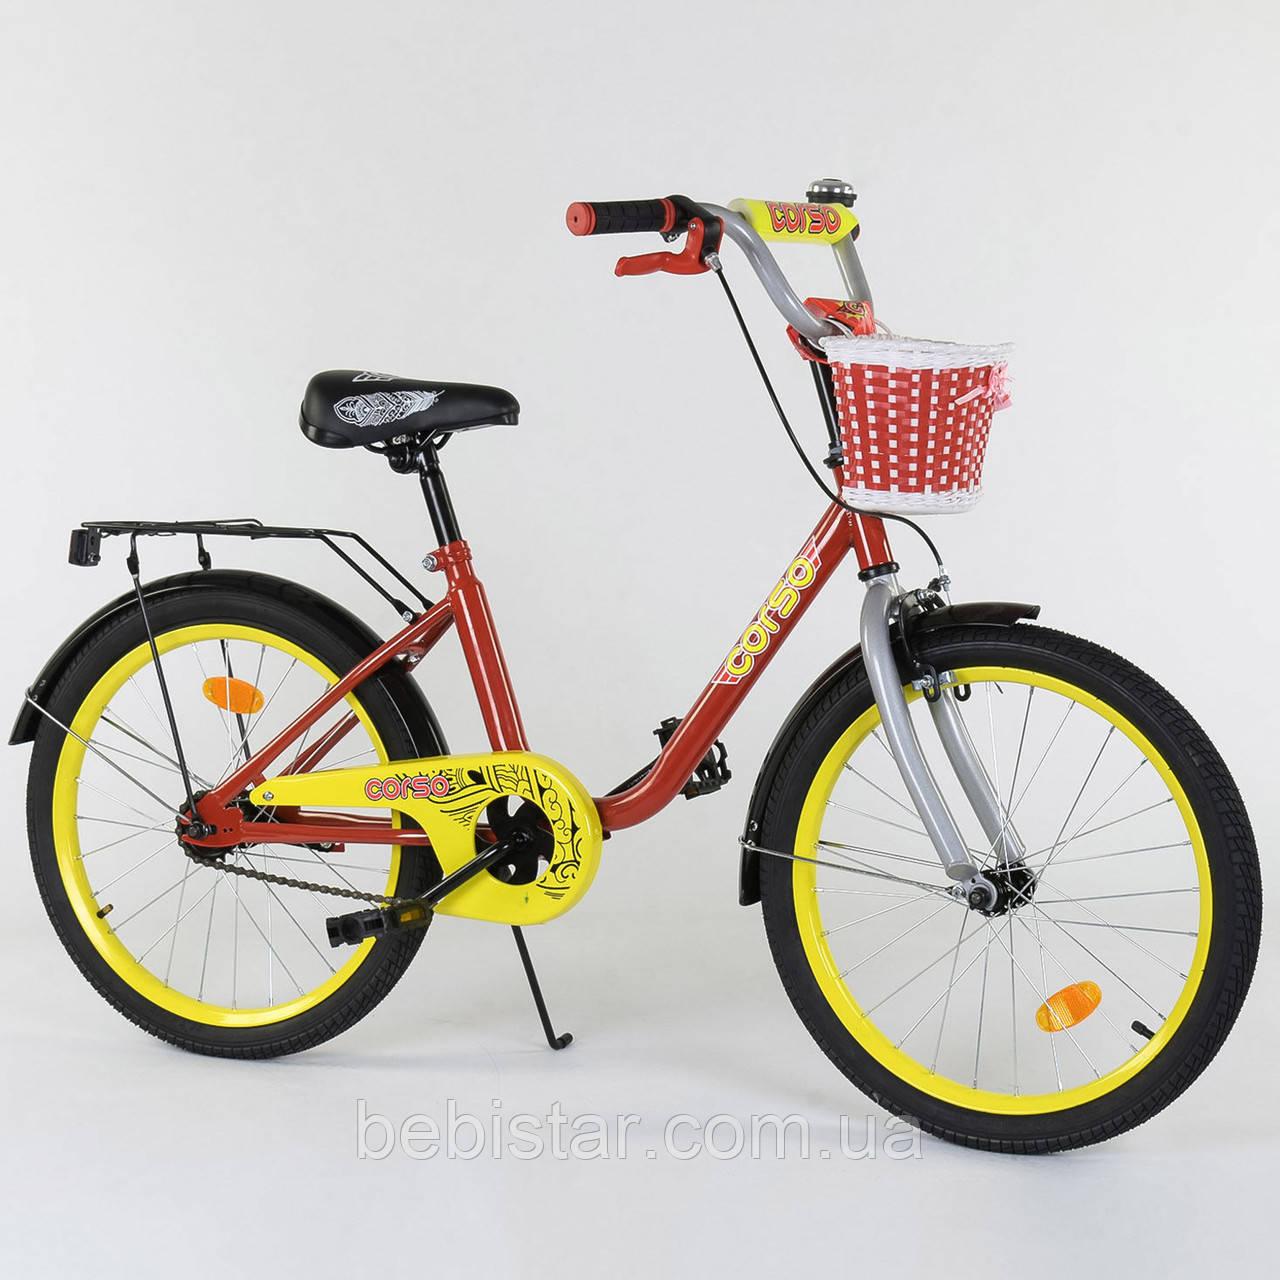 """Детский двухколесный велосипед КРАСНЫЙ, подножка, корзинка ручной тормоз Corso 20"""" детям 6-9 лет"""